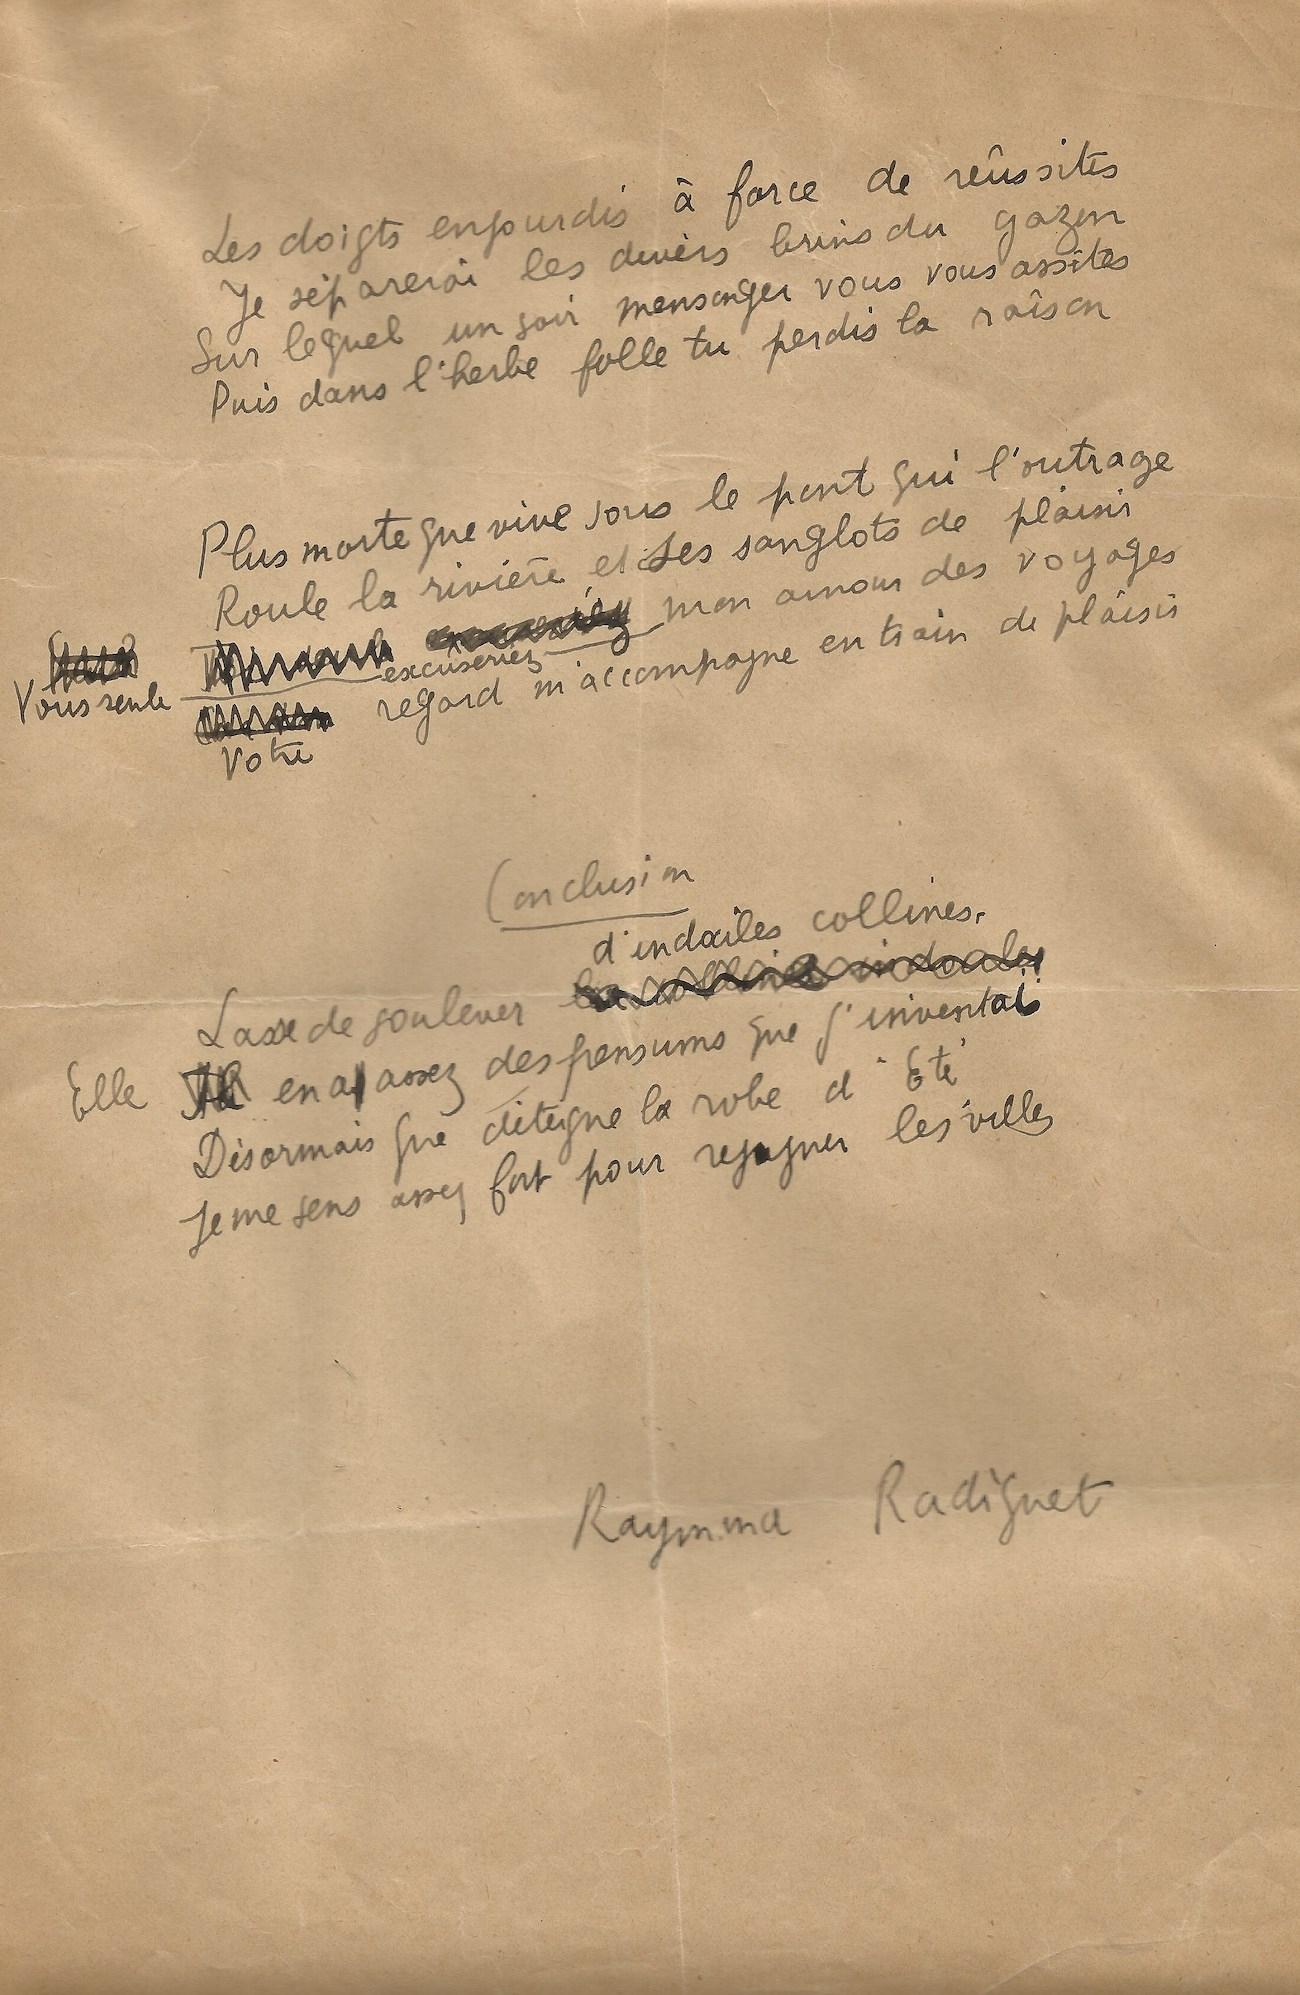 Raymond Radiguet – Poème Autographe Signé – Les Joues En à Po?Sie Vive Les Vacances